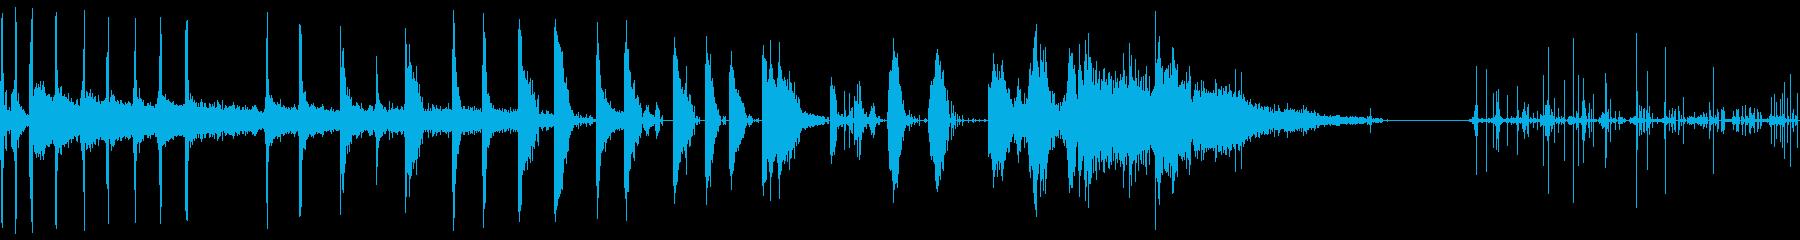 スティーム、ショートバースト、人工...の再生済みの波形